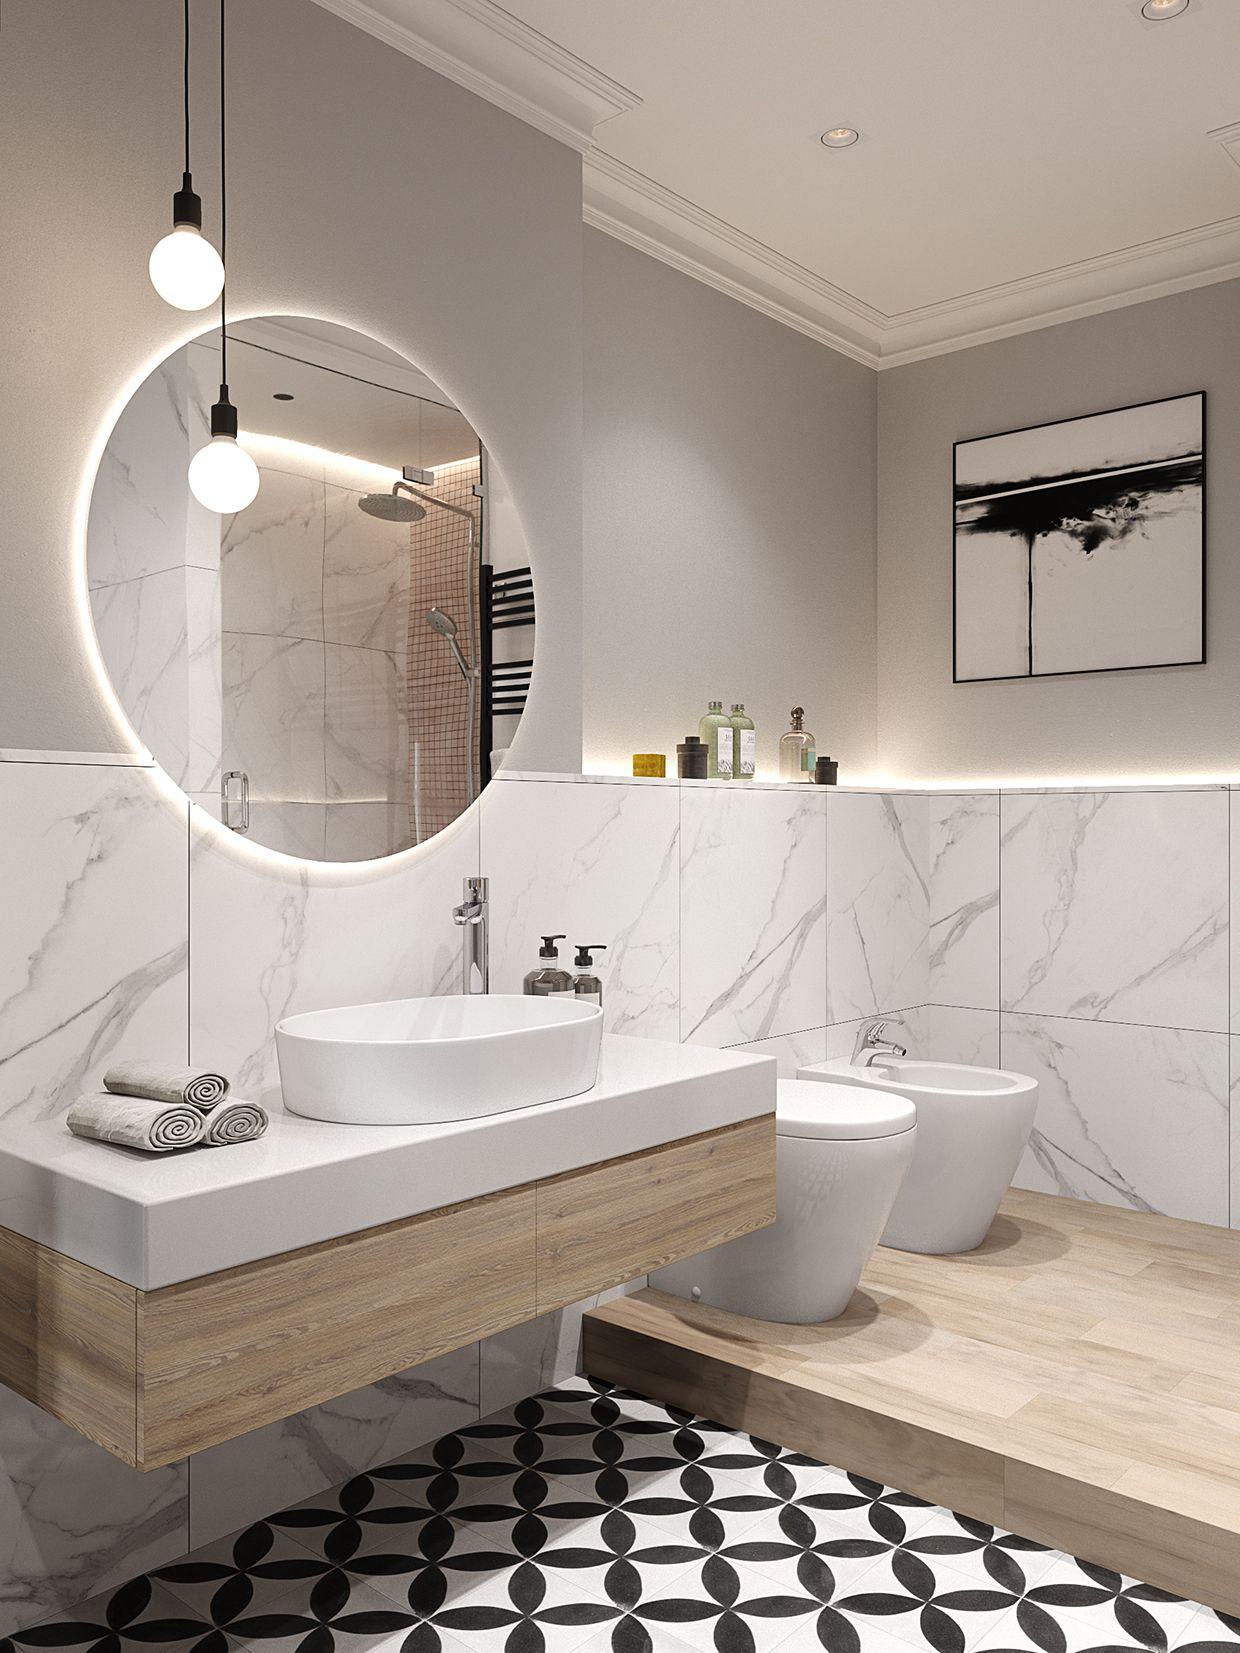 Vloertegels bij Tegelland in Nieuwegein | Badkamers (bathrooms ...